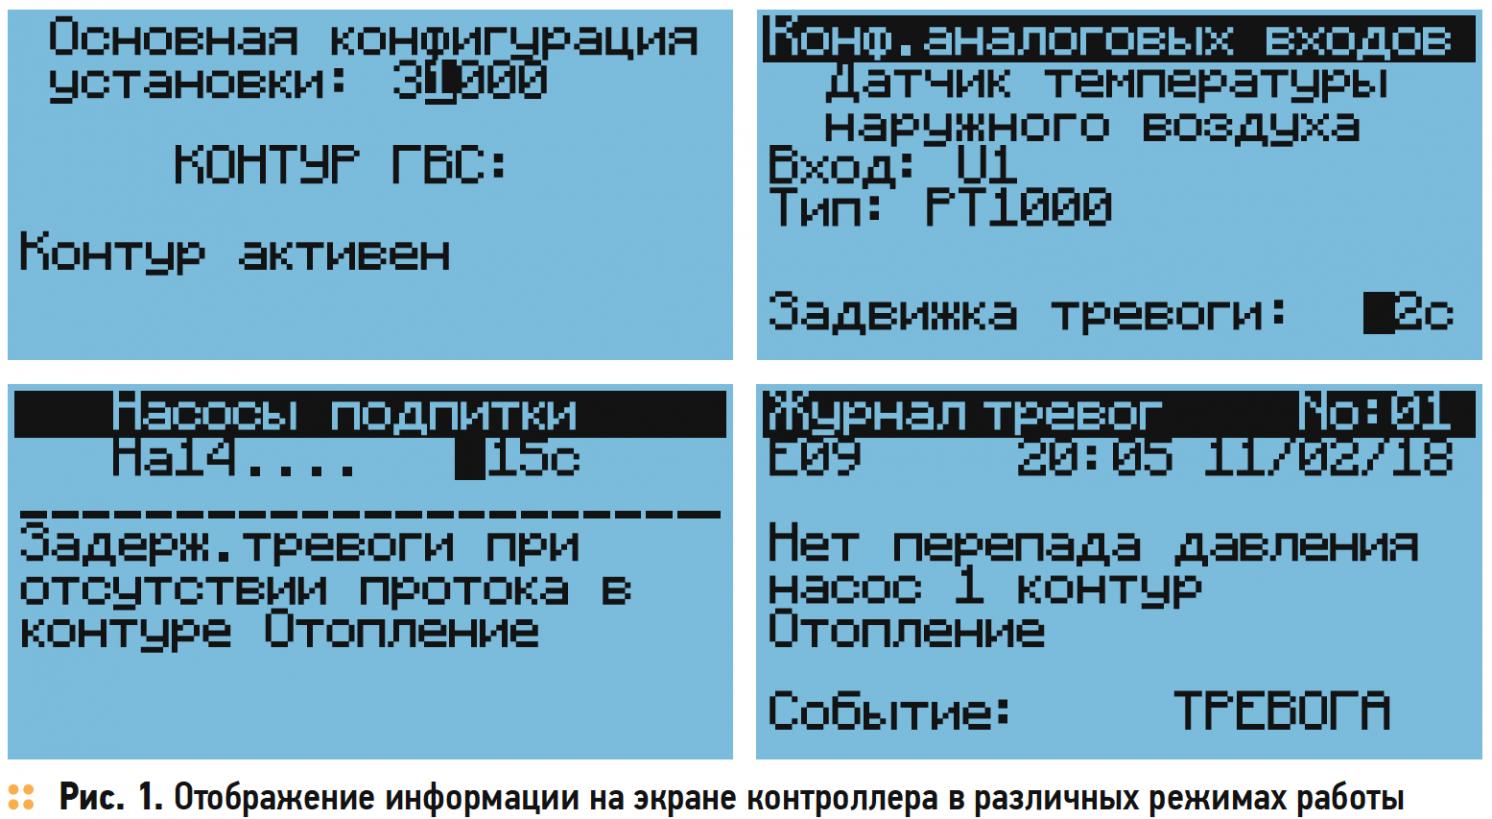 Отображение информации на экране контроллера в различных режимах работы